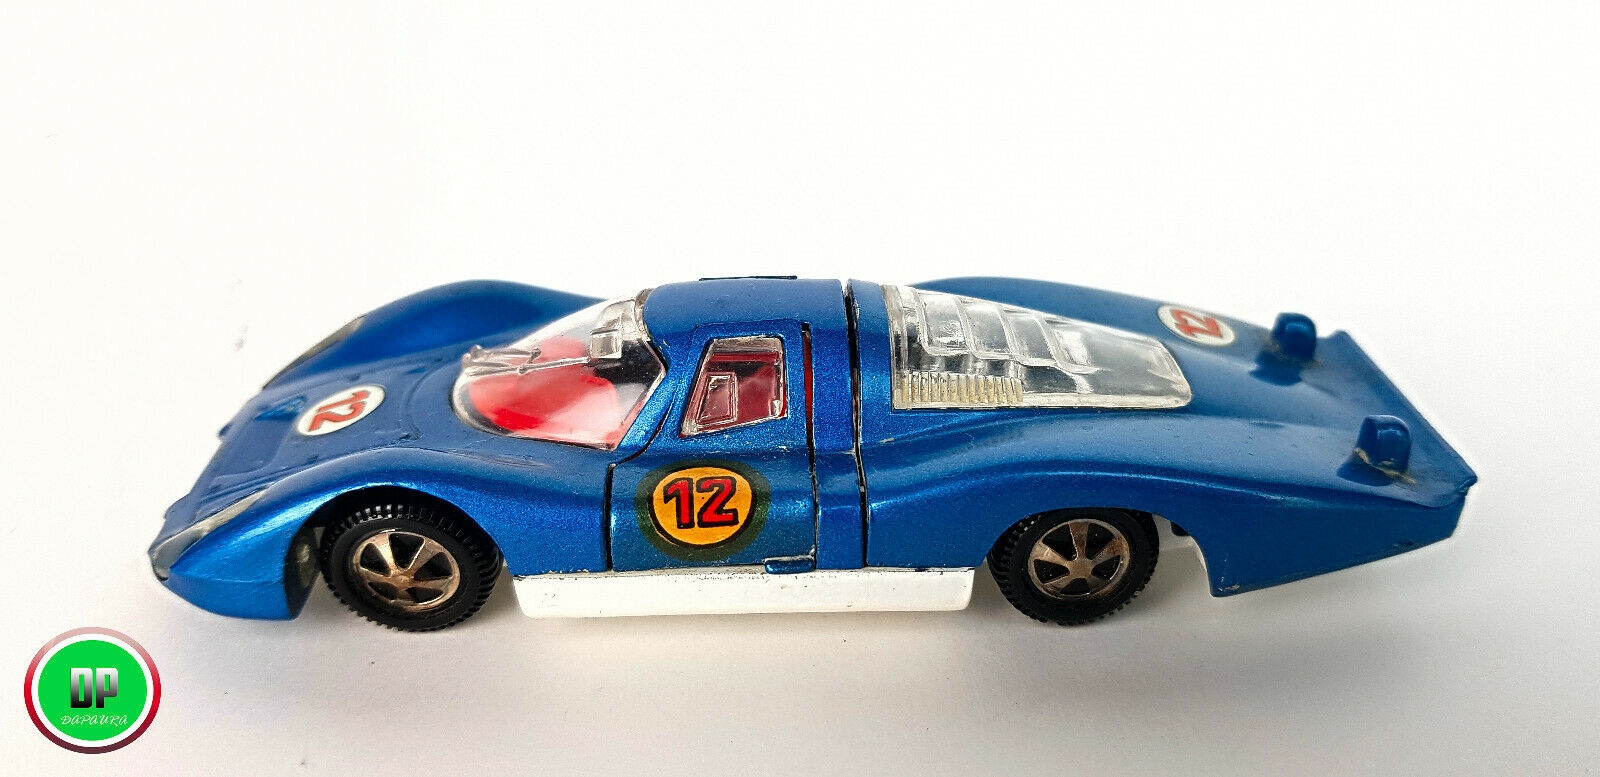 MARKLIN 1815, Porsche 907, very good condition, scale 143